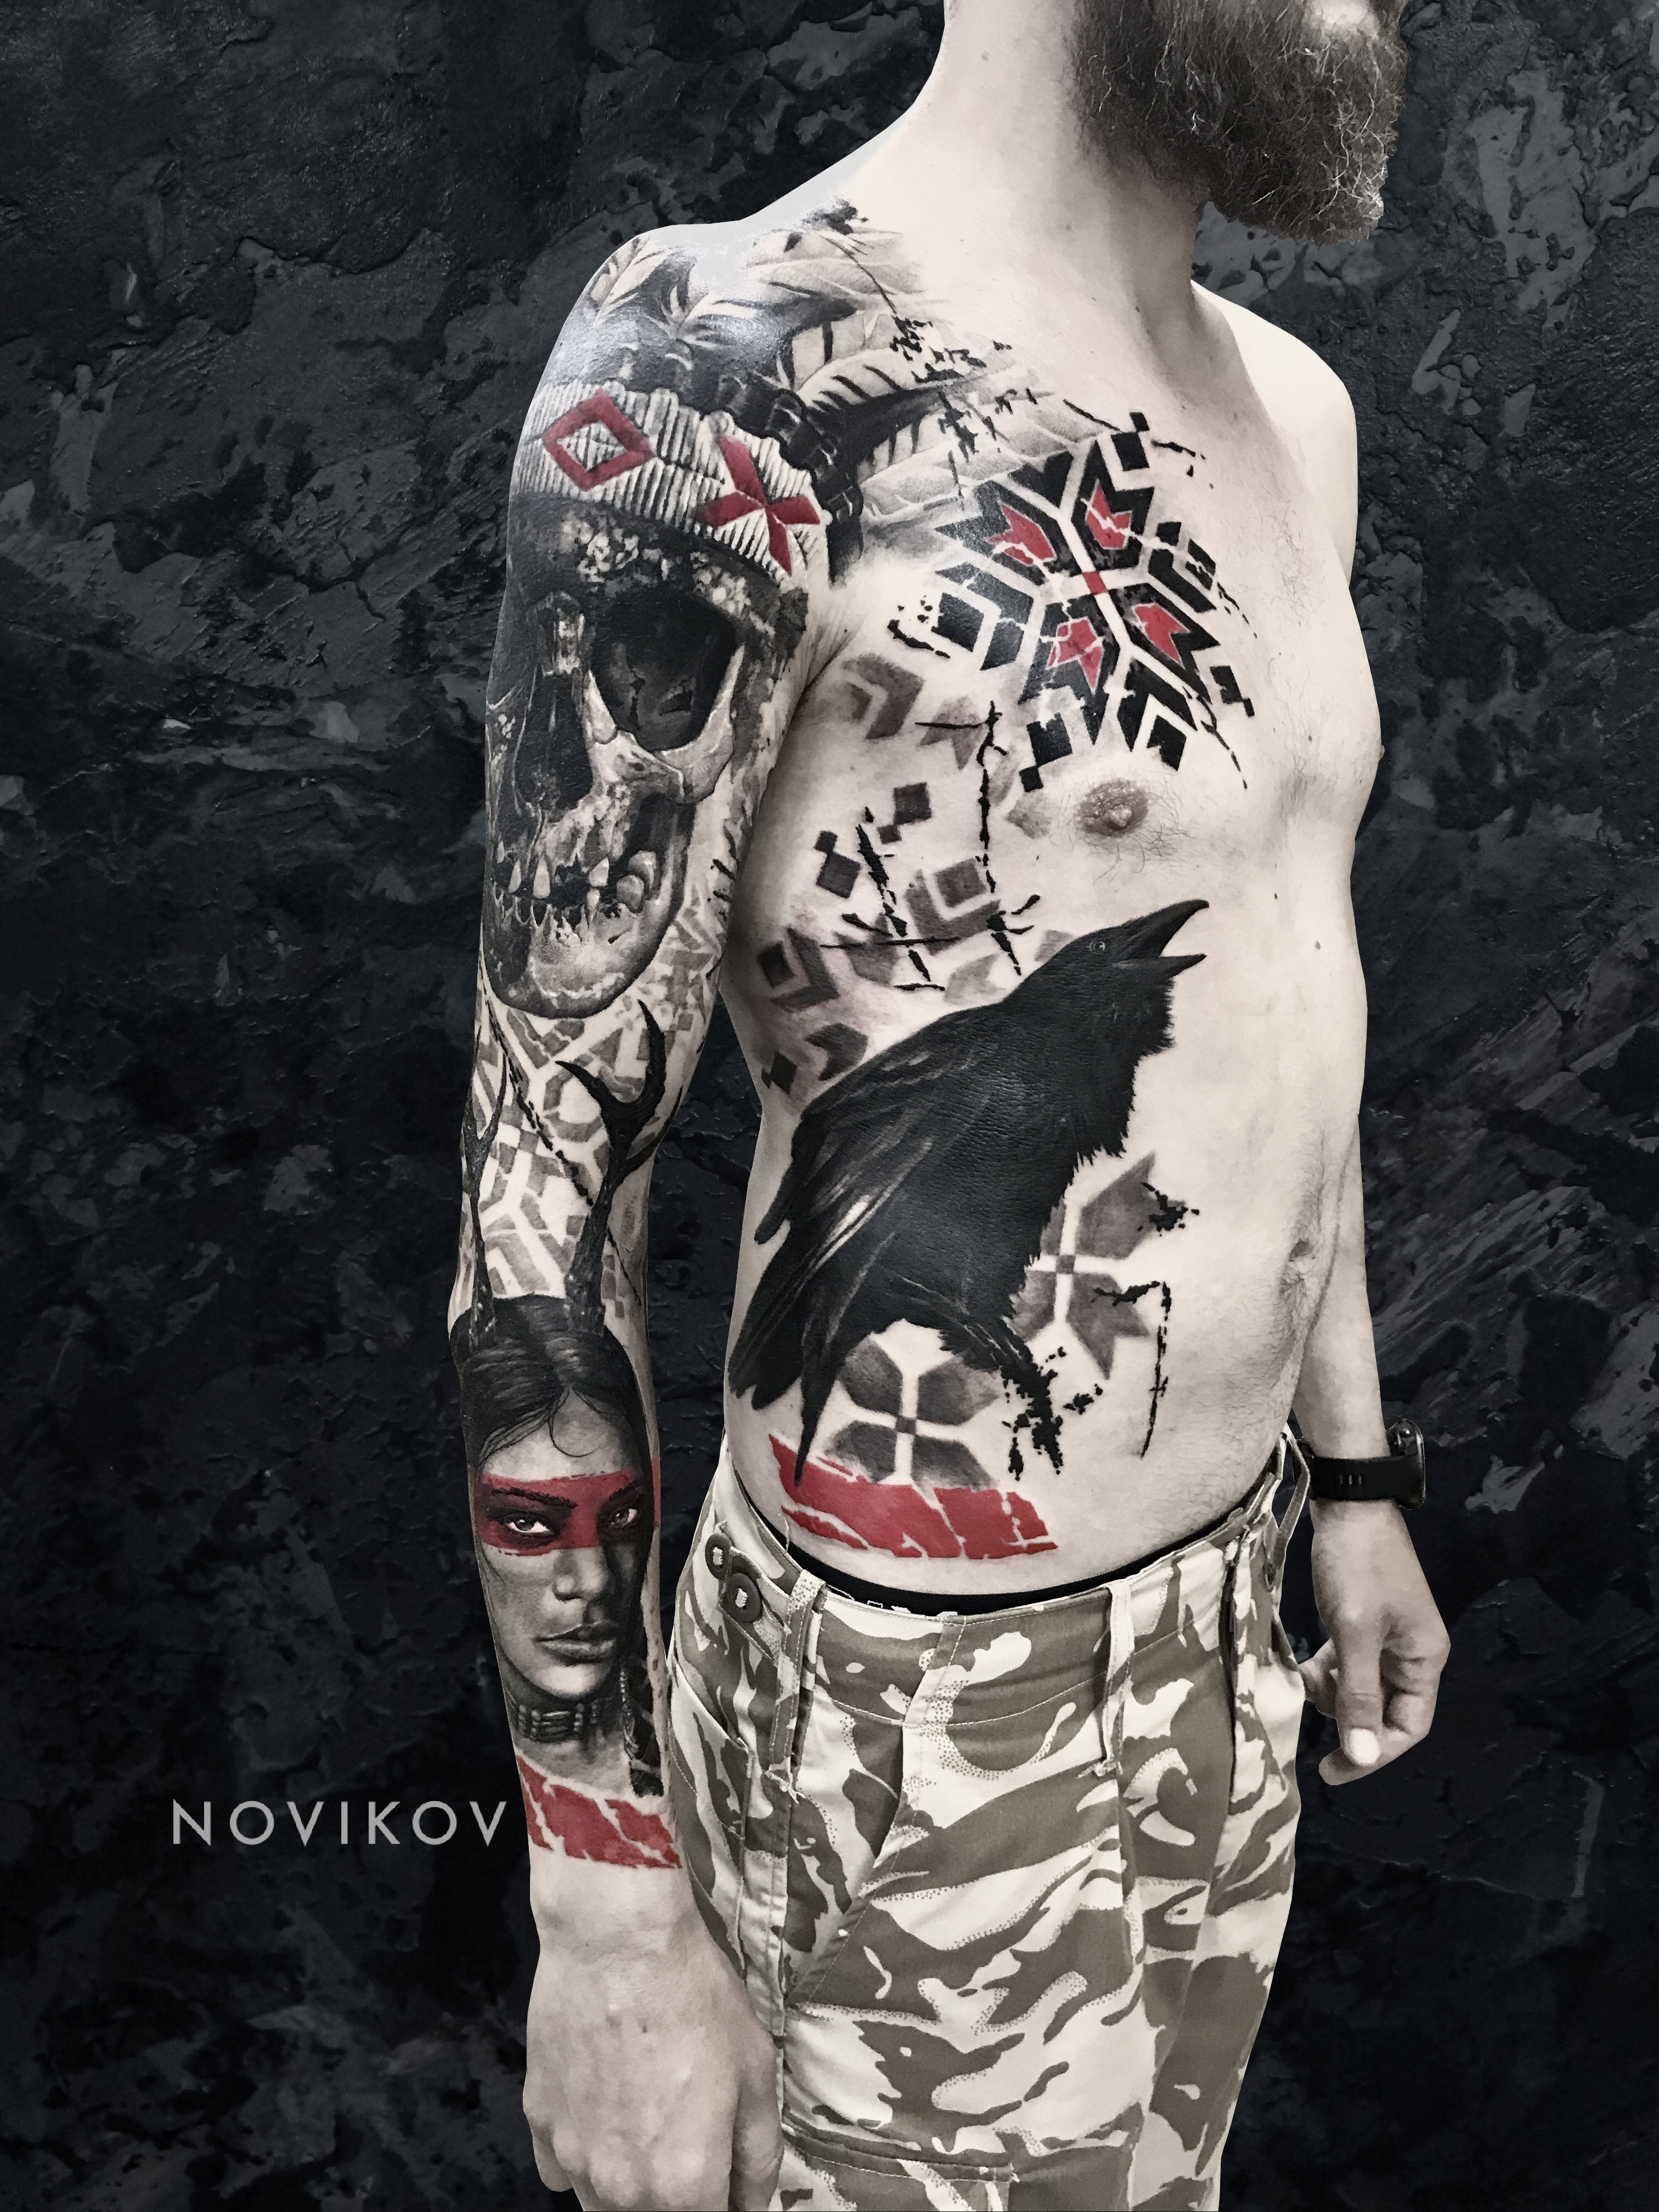 Большая татуировка в стиле трэшполька